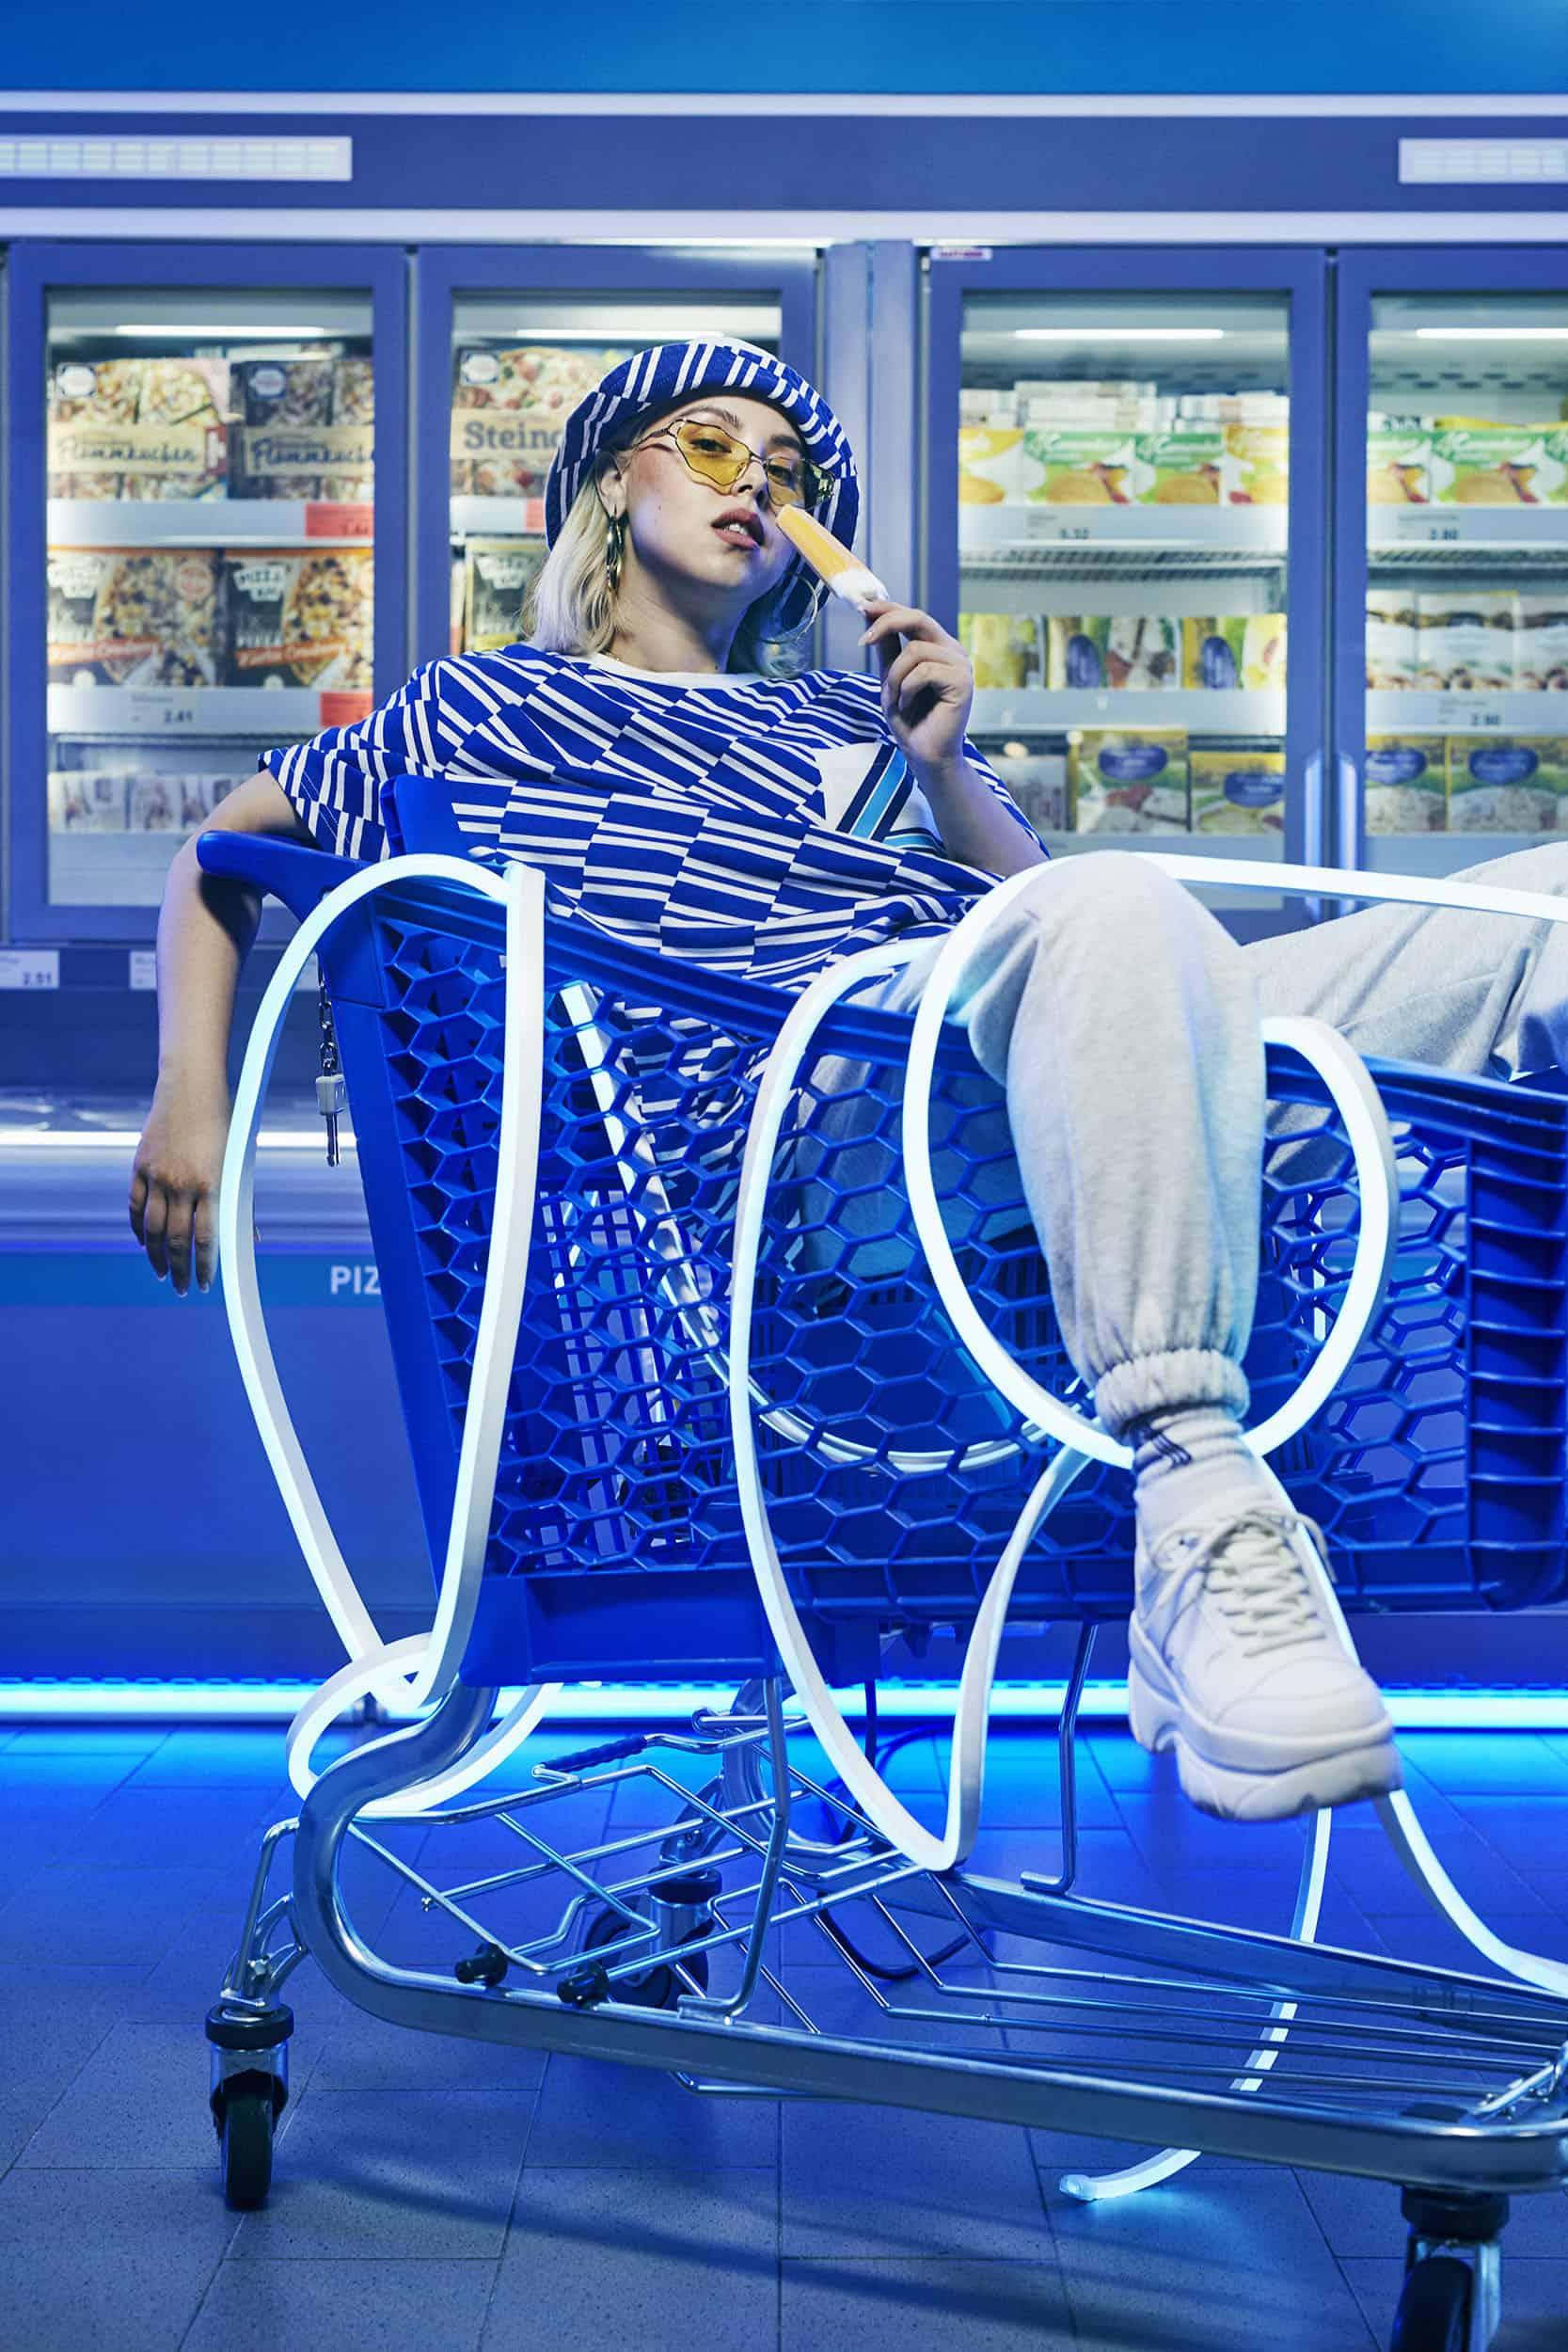 studio_ignatov_aldi_nord_original_fashion_03